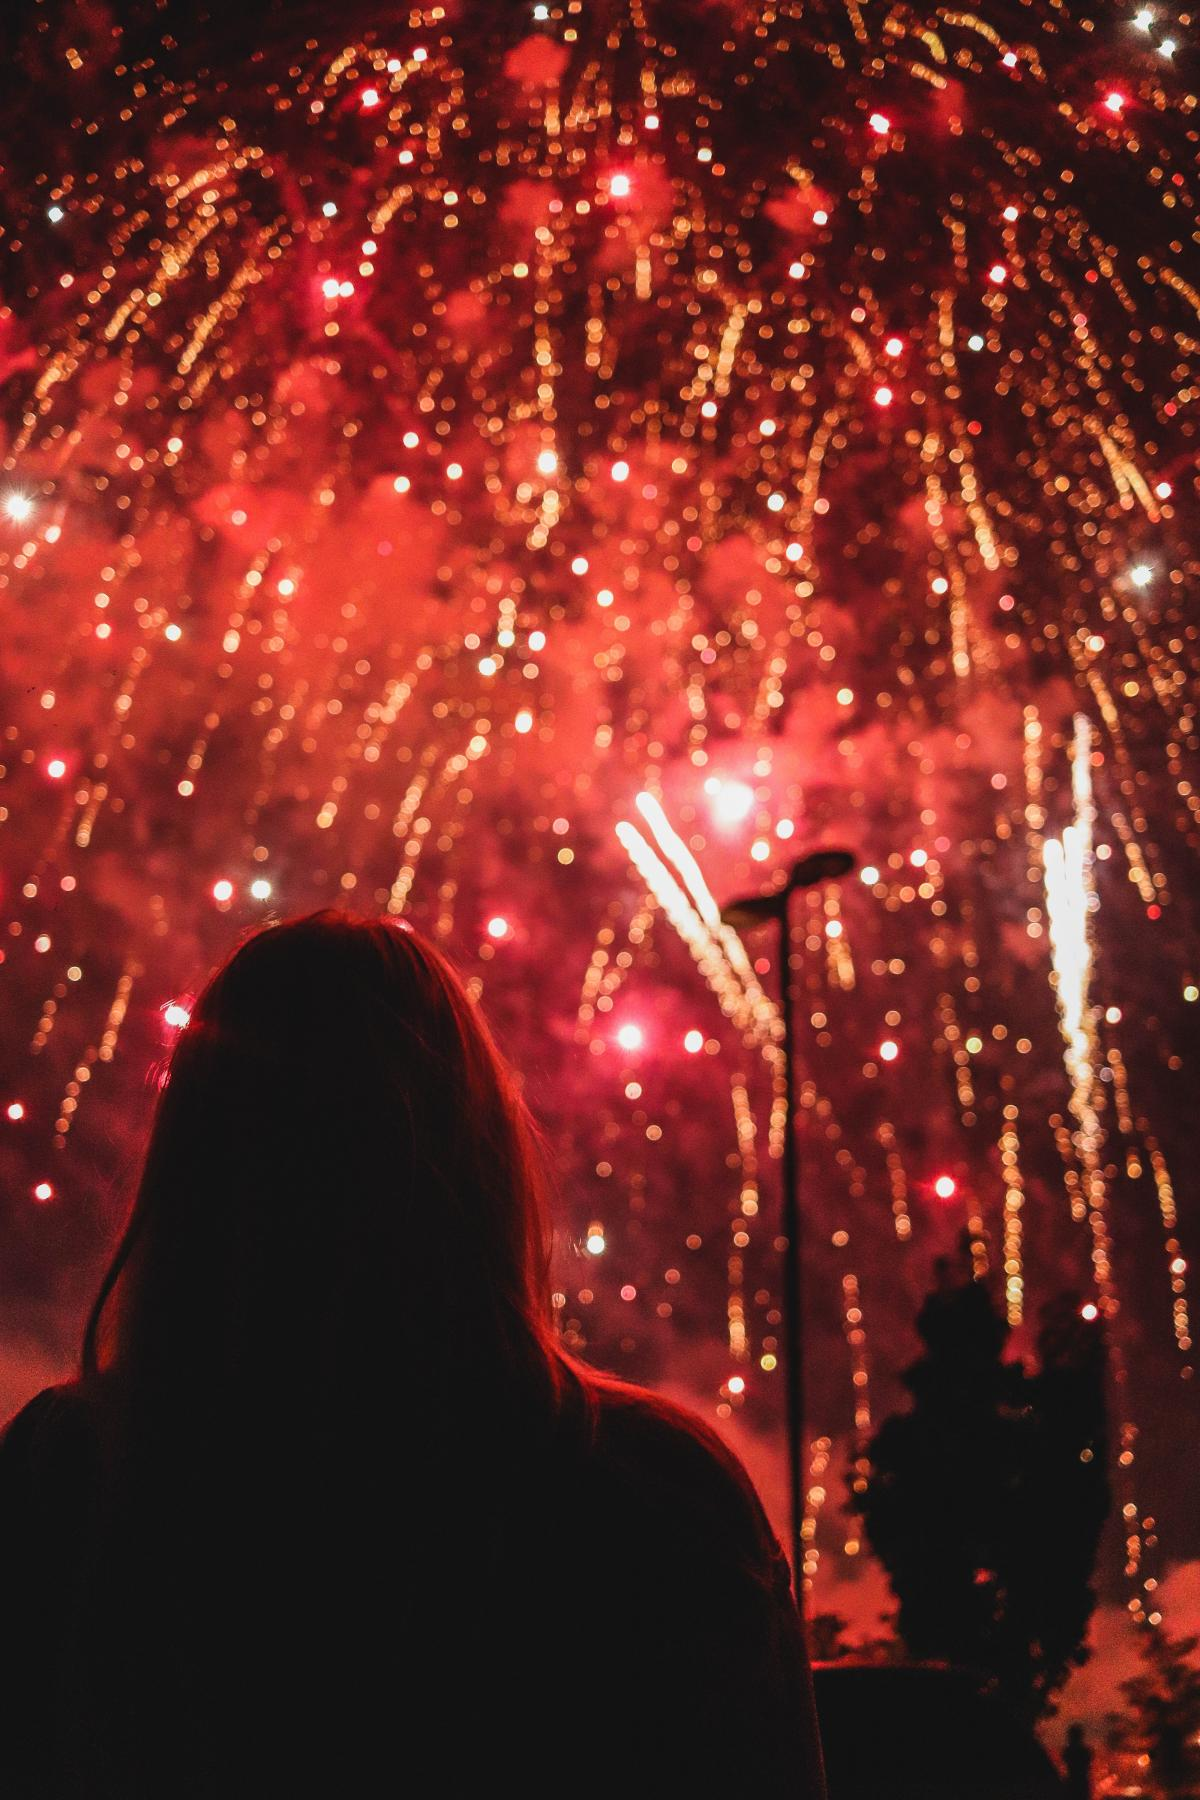 Star Celebration Holiday